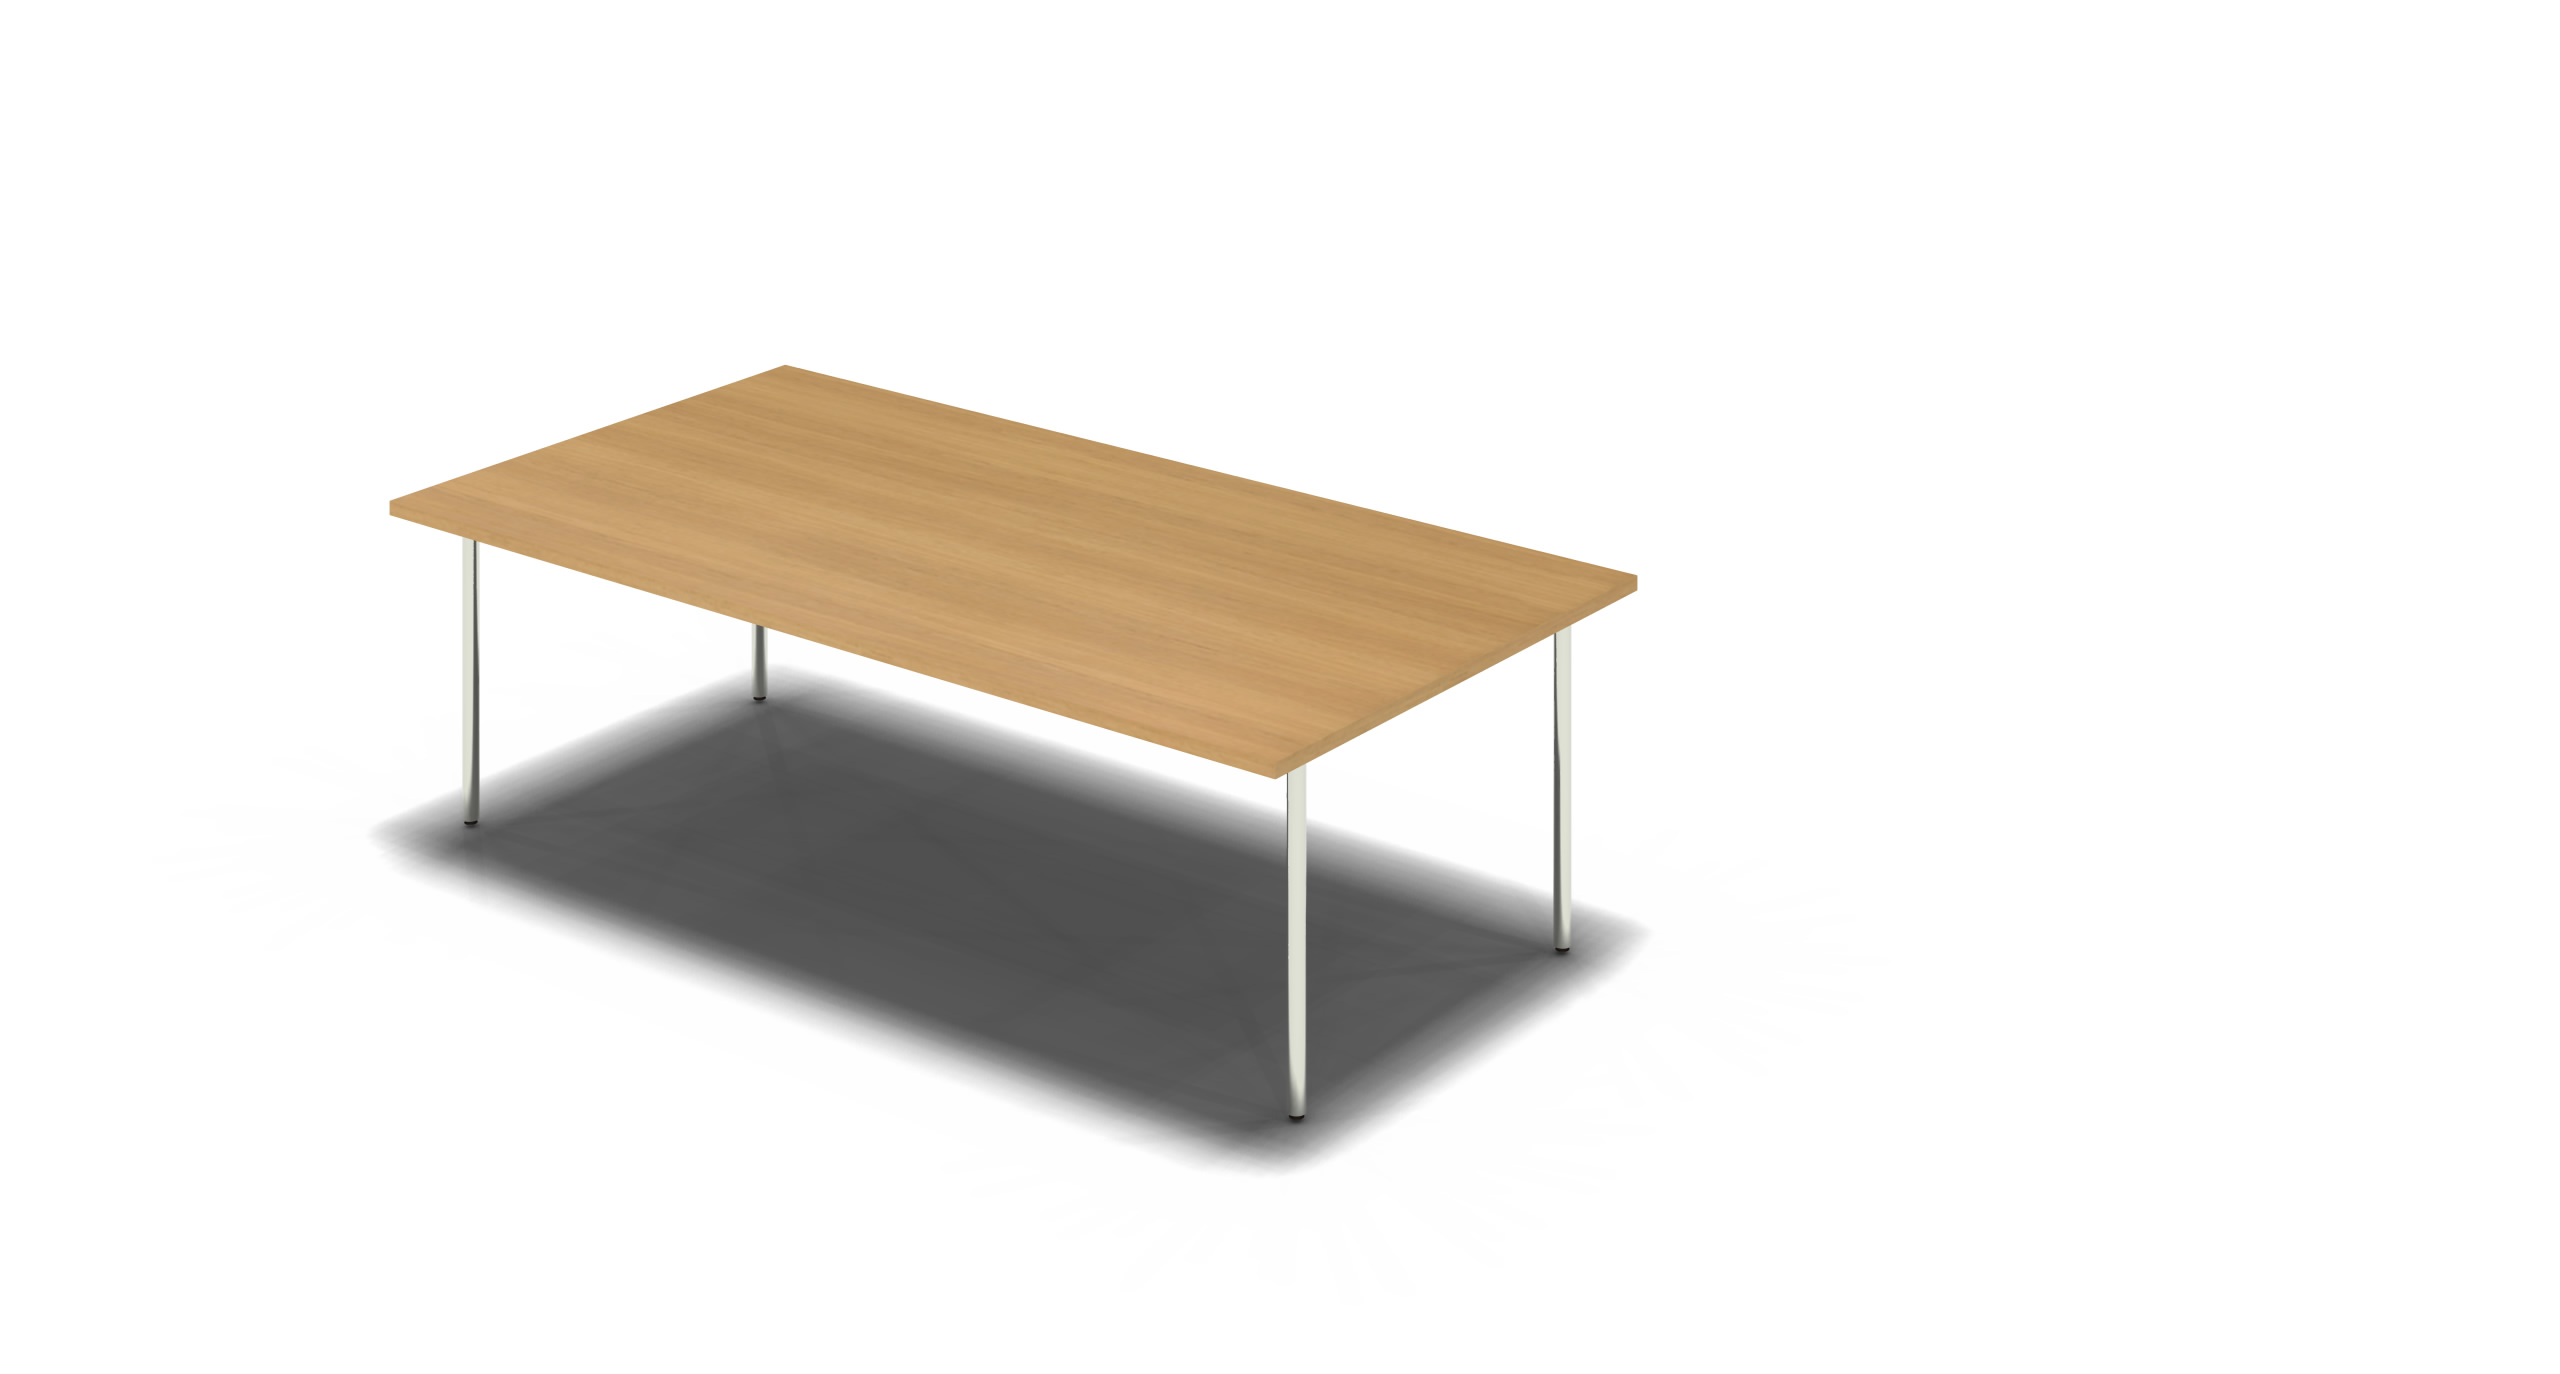 Table_Round_2100x1050_Chrome_Oak_noOption